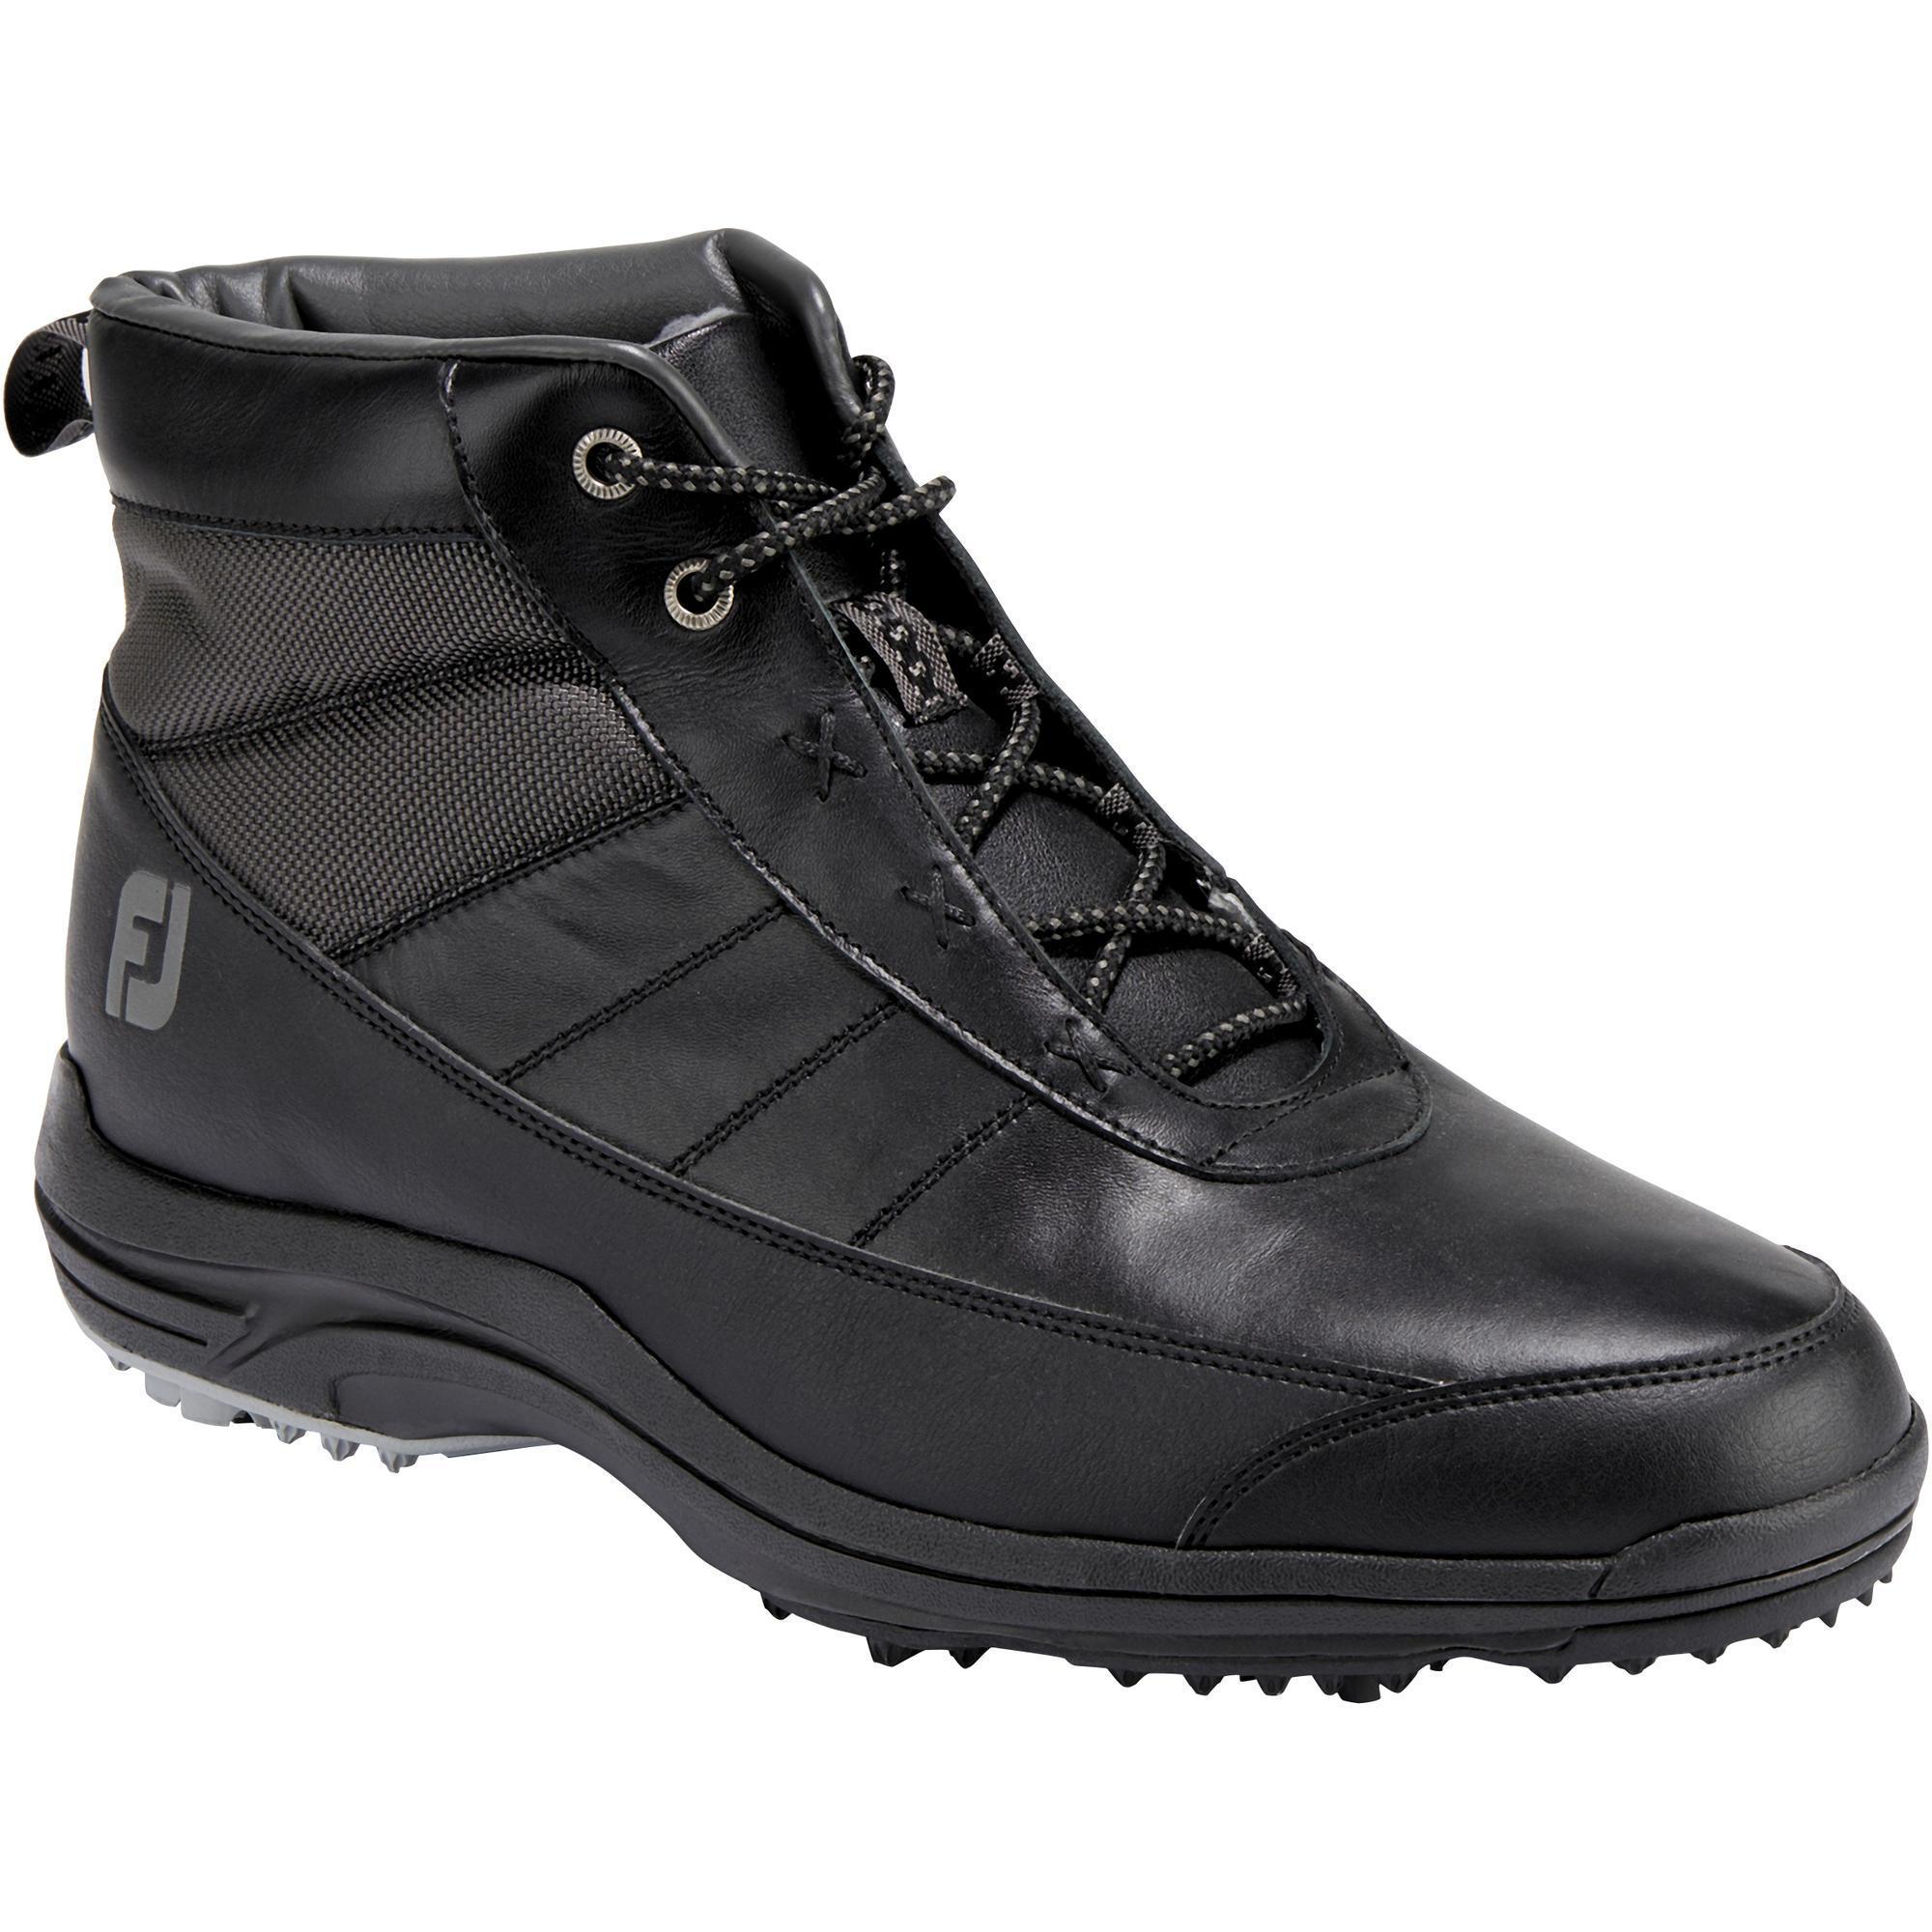 Footjoy Halfhoge golfschoenen voor heren zwart